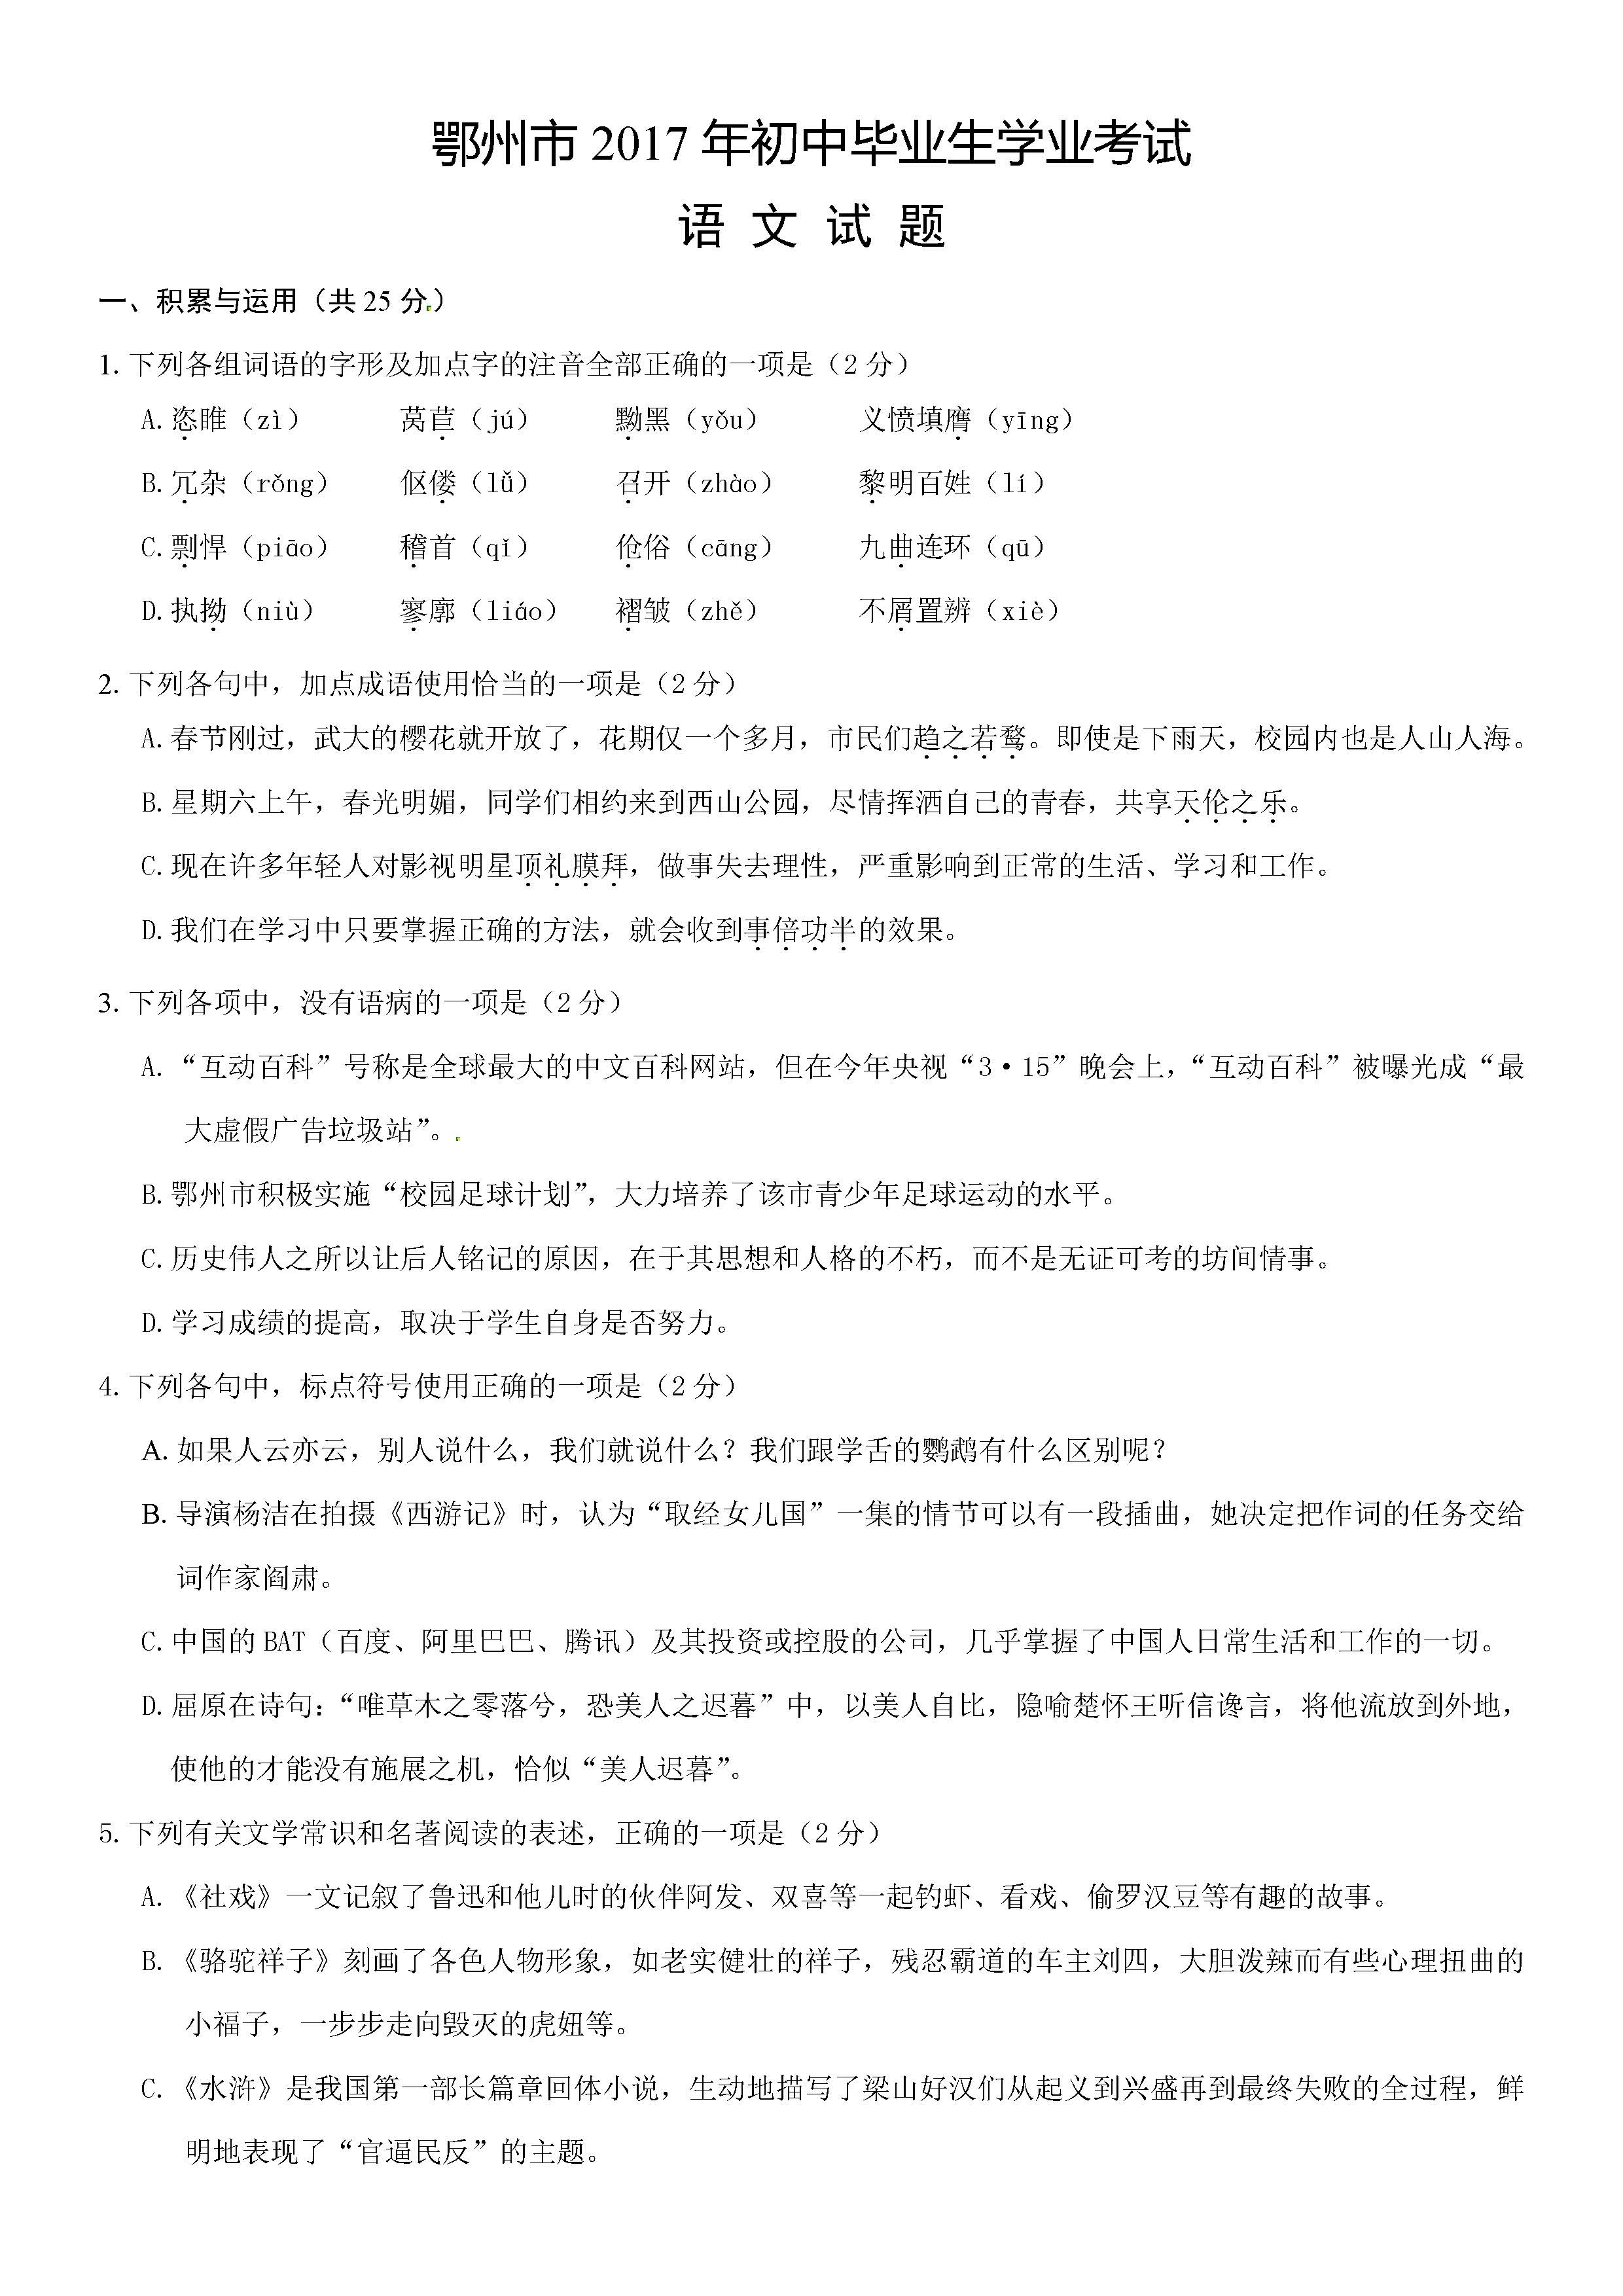 2017鄂州中考语文试题及答案解析(图片版含答案)